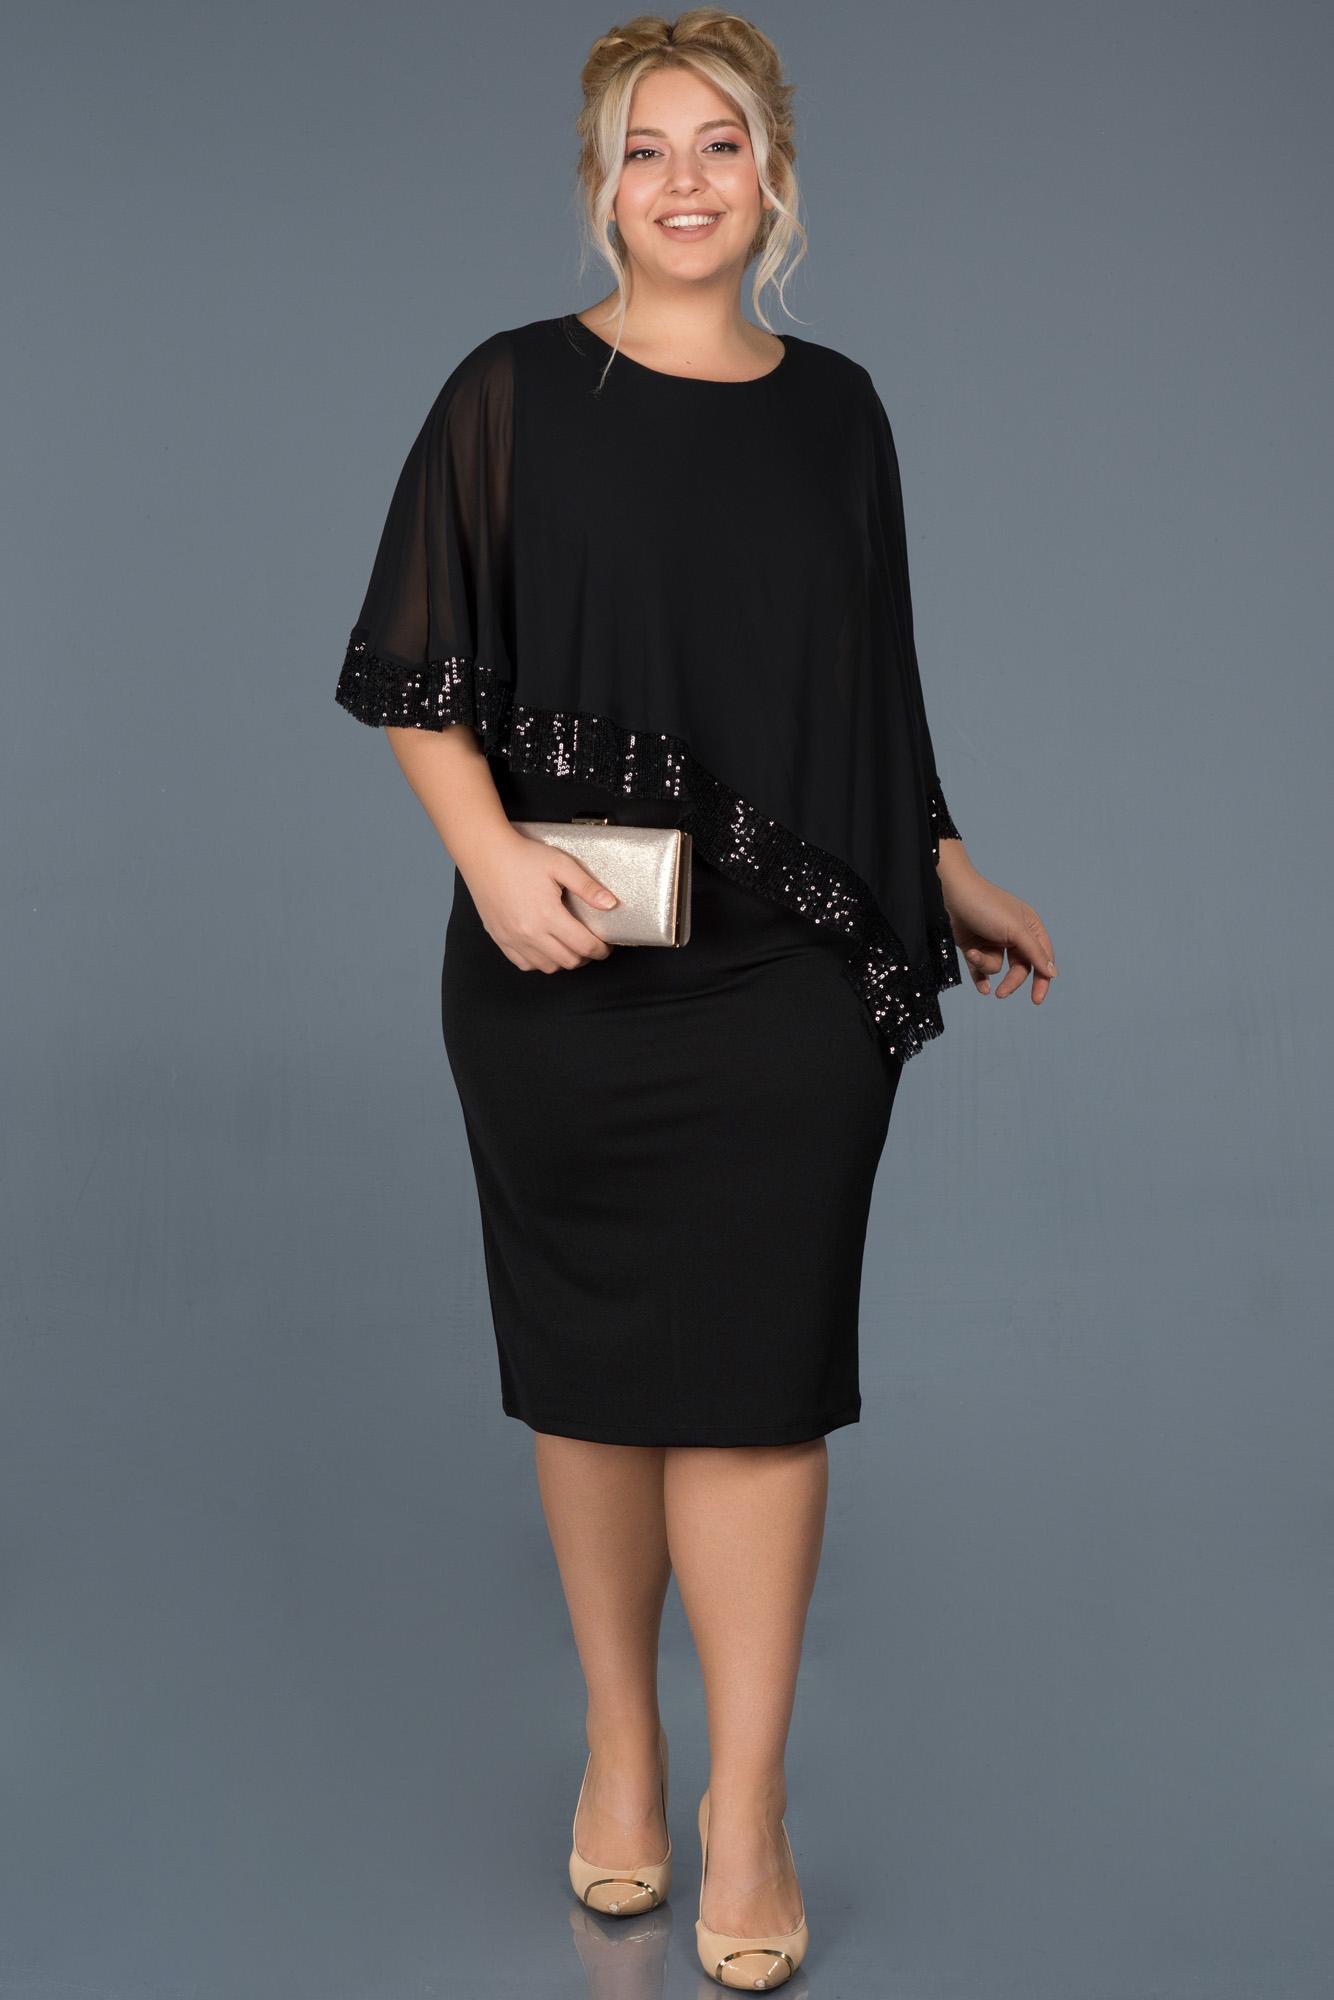 Siyah Kısa Tül Detaylı Büyük Beden Davet Elbisesi